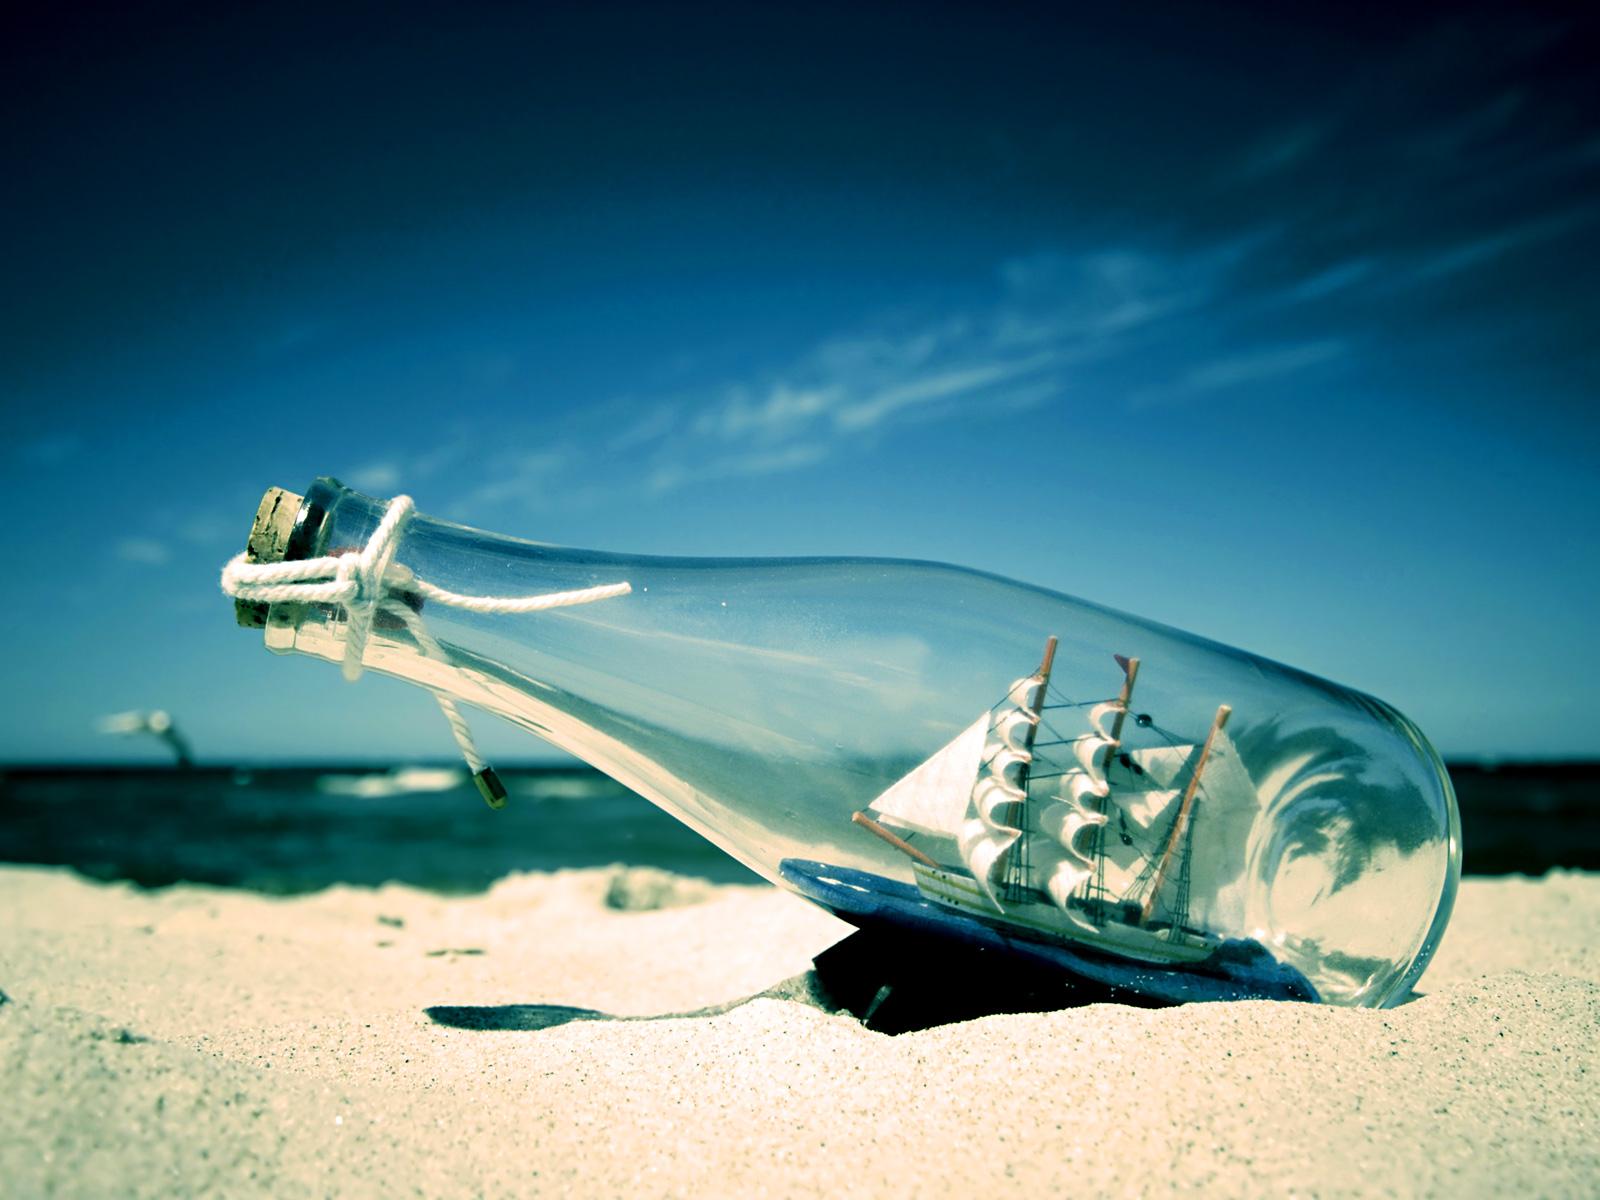 корабль в бутылке, красивое фото, море, пляж